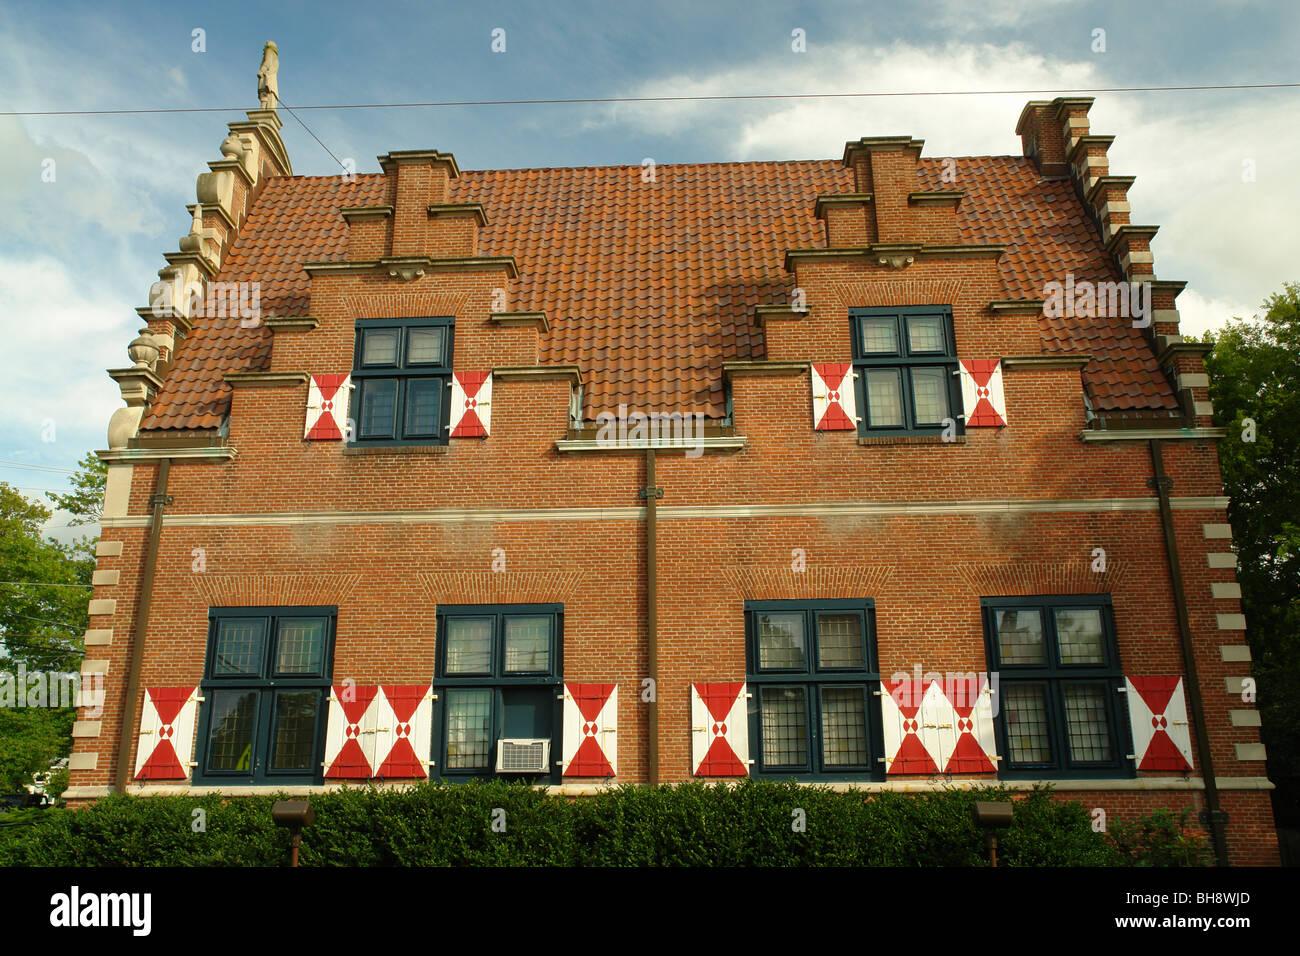 AJD64042, Lewes, DE, Delaware, Zwaanendael Museum, Dutch Renaissance Building - Stock Image